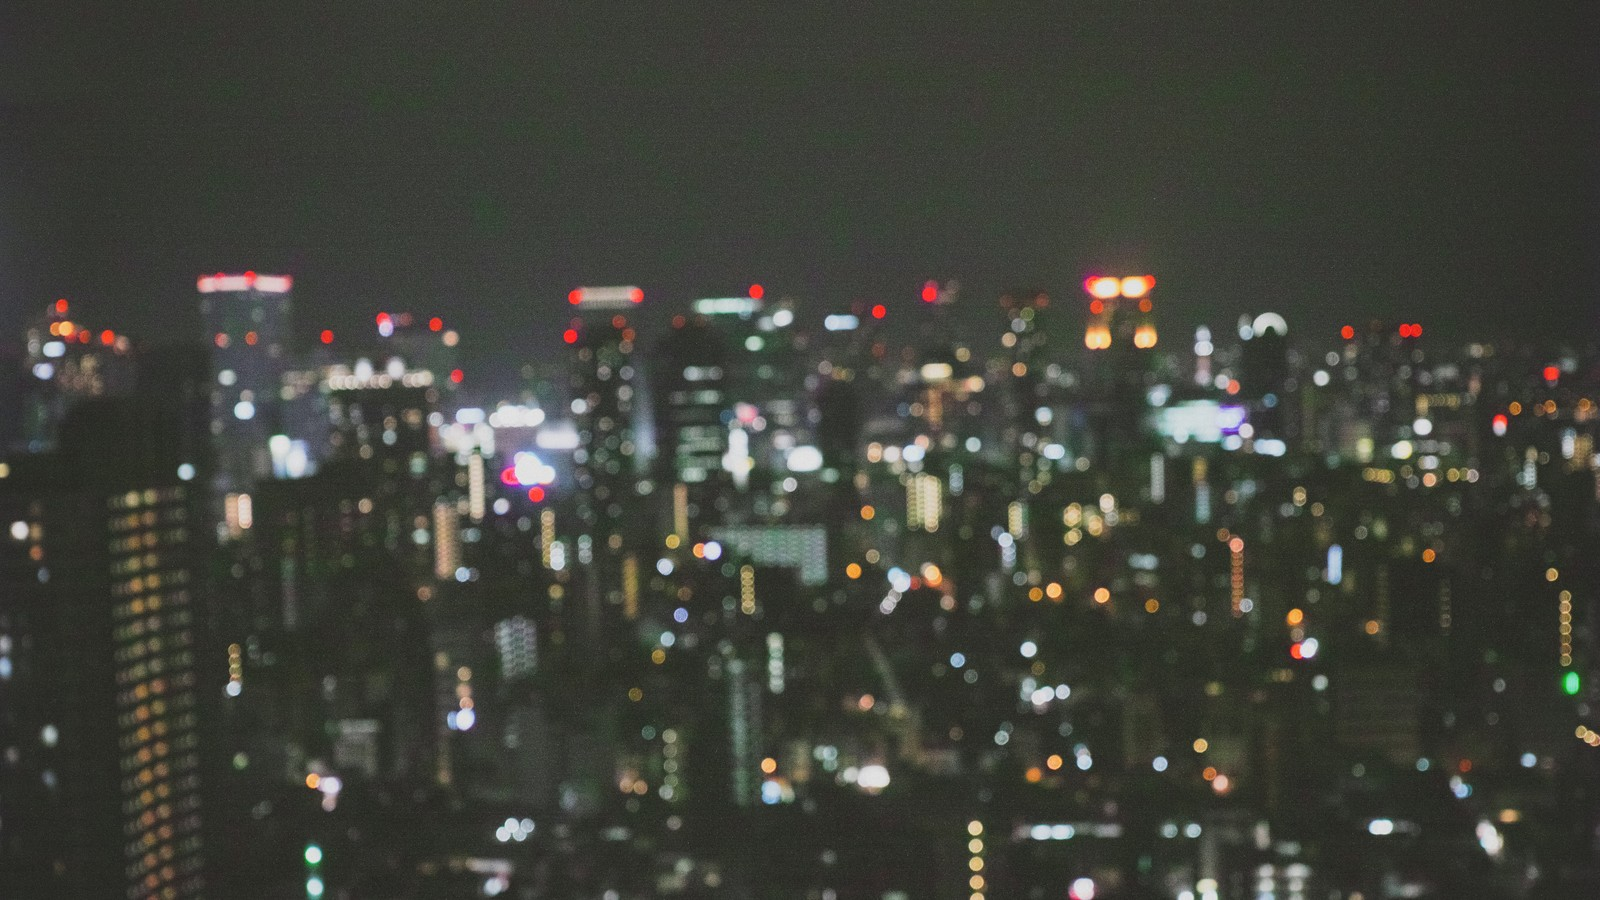 「ピンボケした都会の夜景ピンボケした都会の夜景」のフリー写真素材を拡大